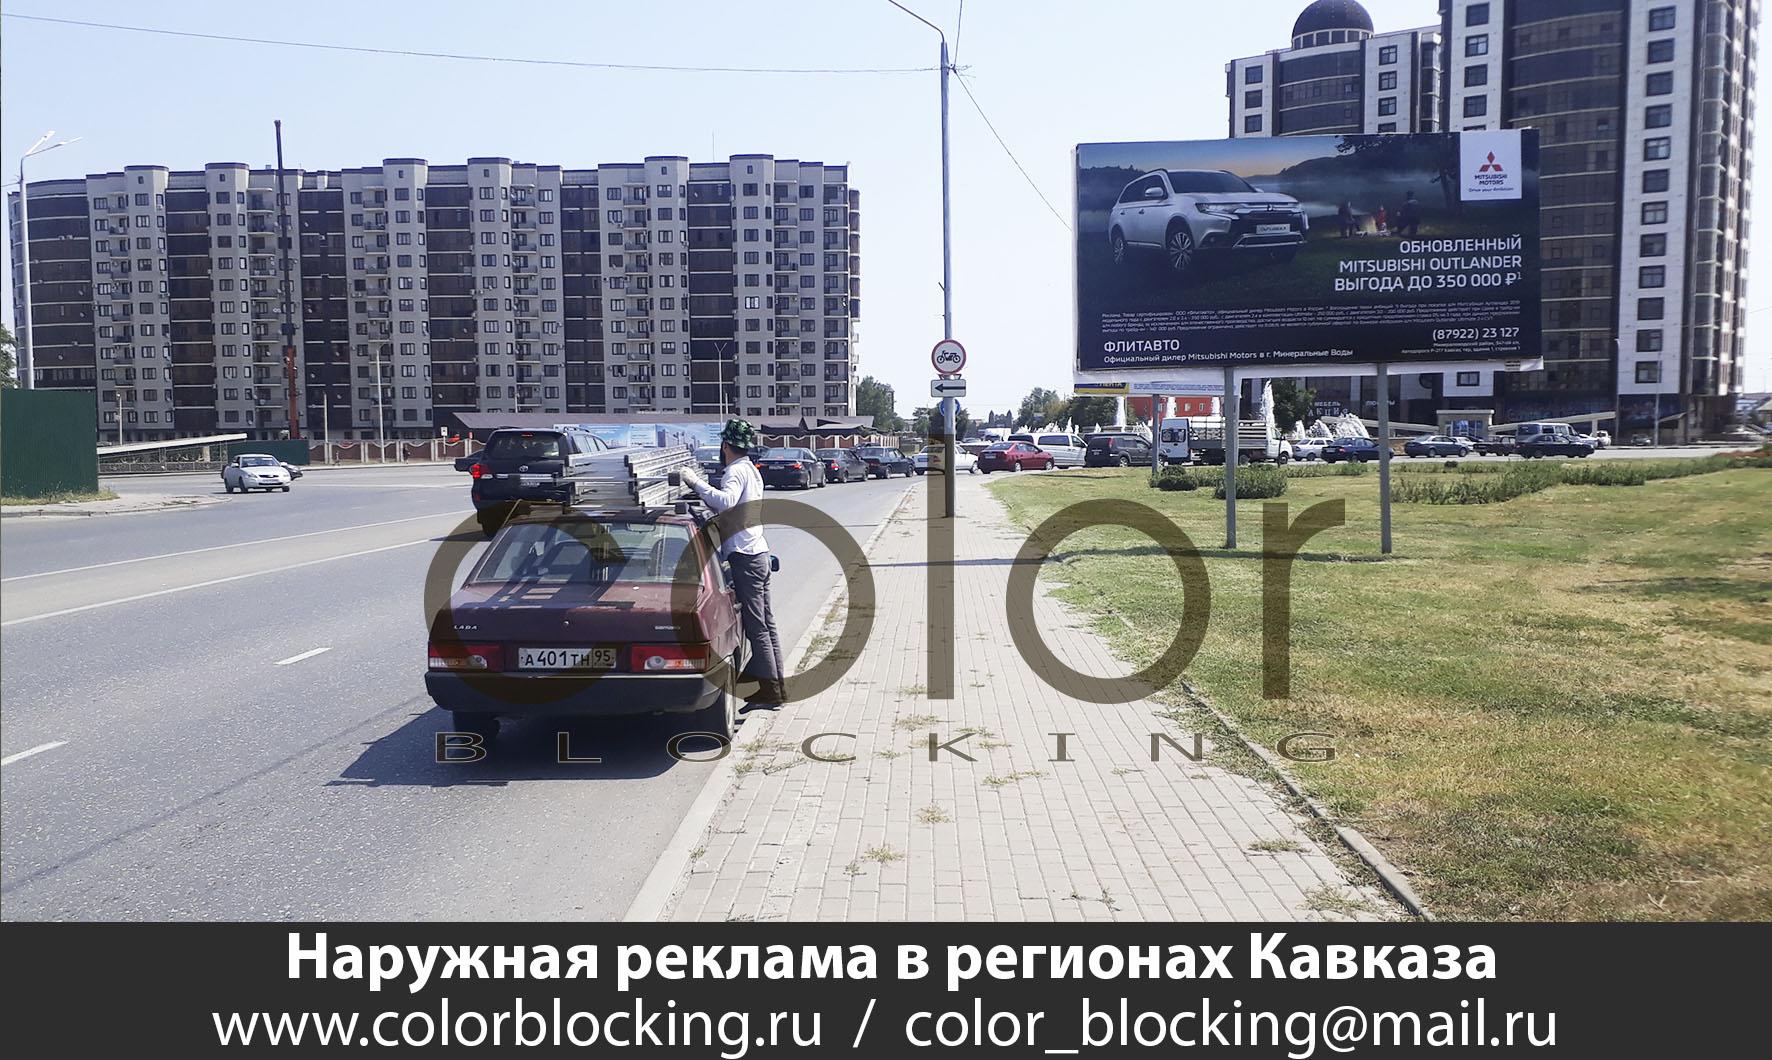 Реклама на билбордах в регионах Кавказа Грозный